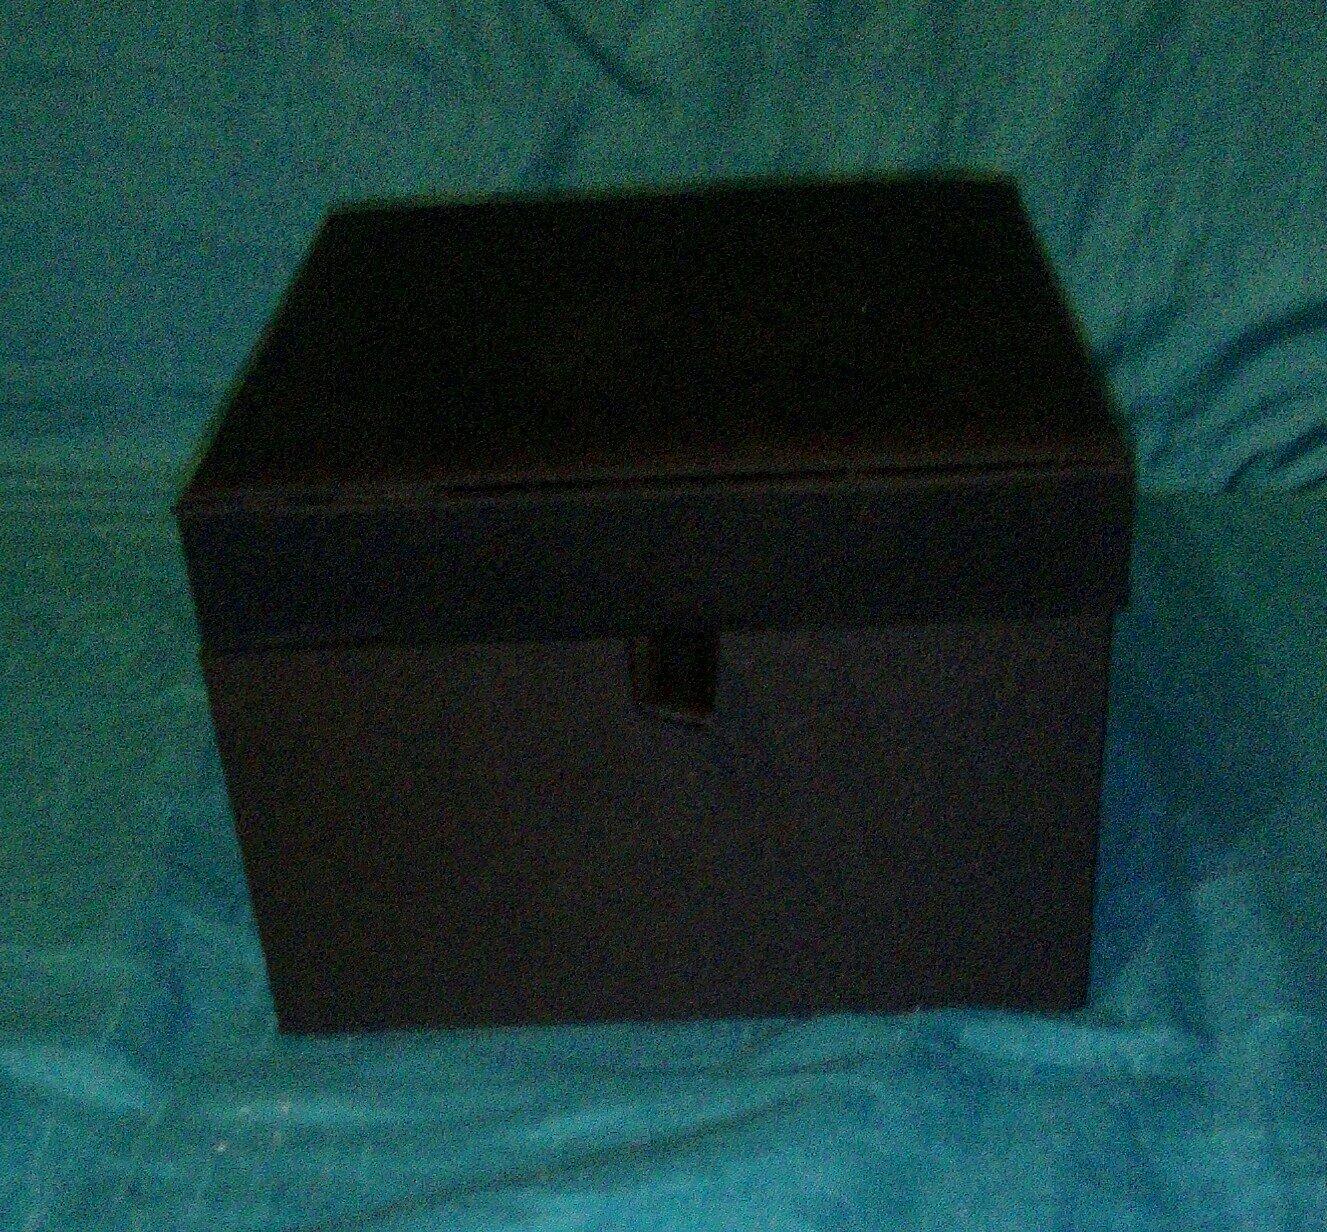 achetez boite a bijoux avec occasion annonce vente aix les bains 73 wb158058832. Black Bedroom Furniture Sets. Home Design Ideas